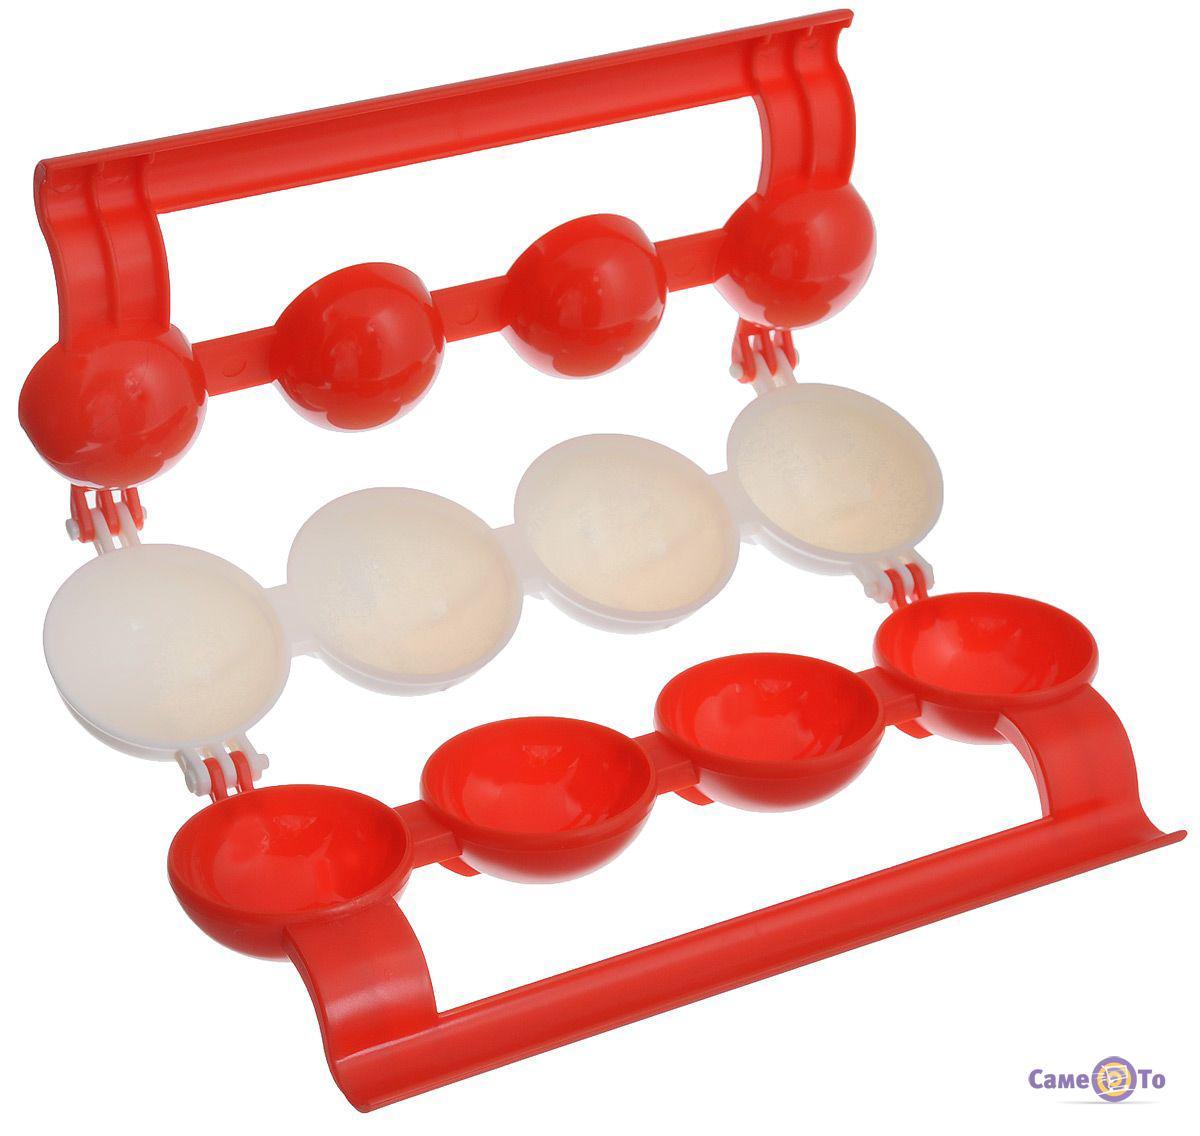 Форма для фрикаделек и тефтелей Meatball Maker Pro